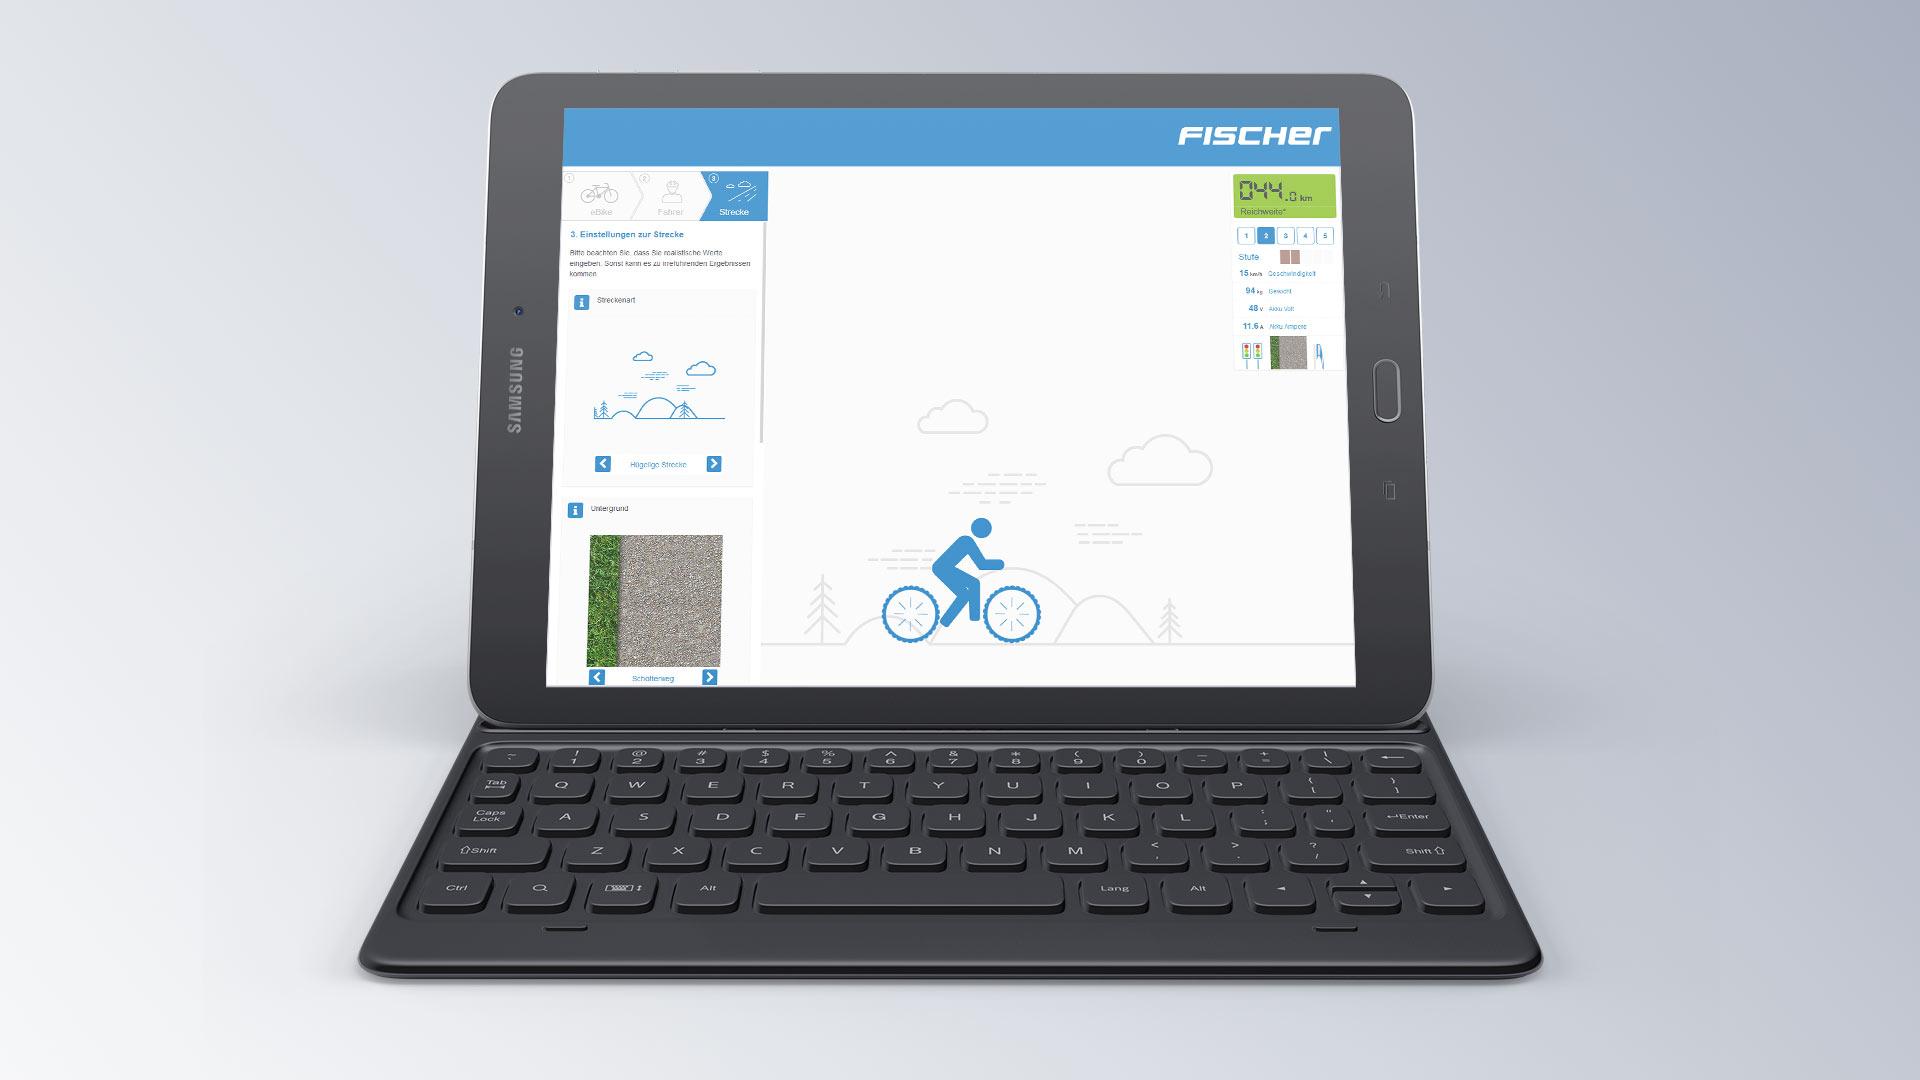 Fischer Konfigurator Reichweite eBike Browseransicht